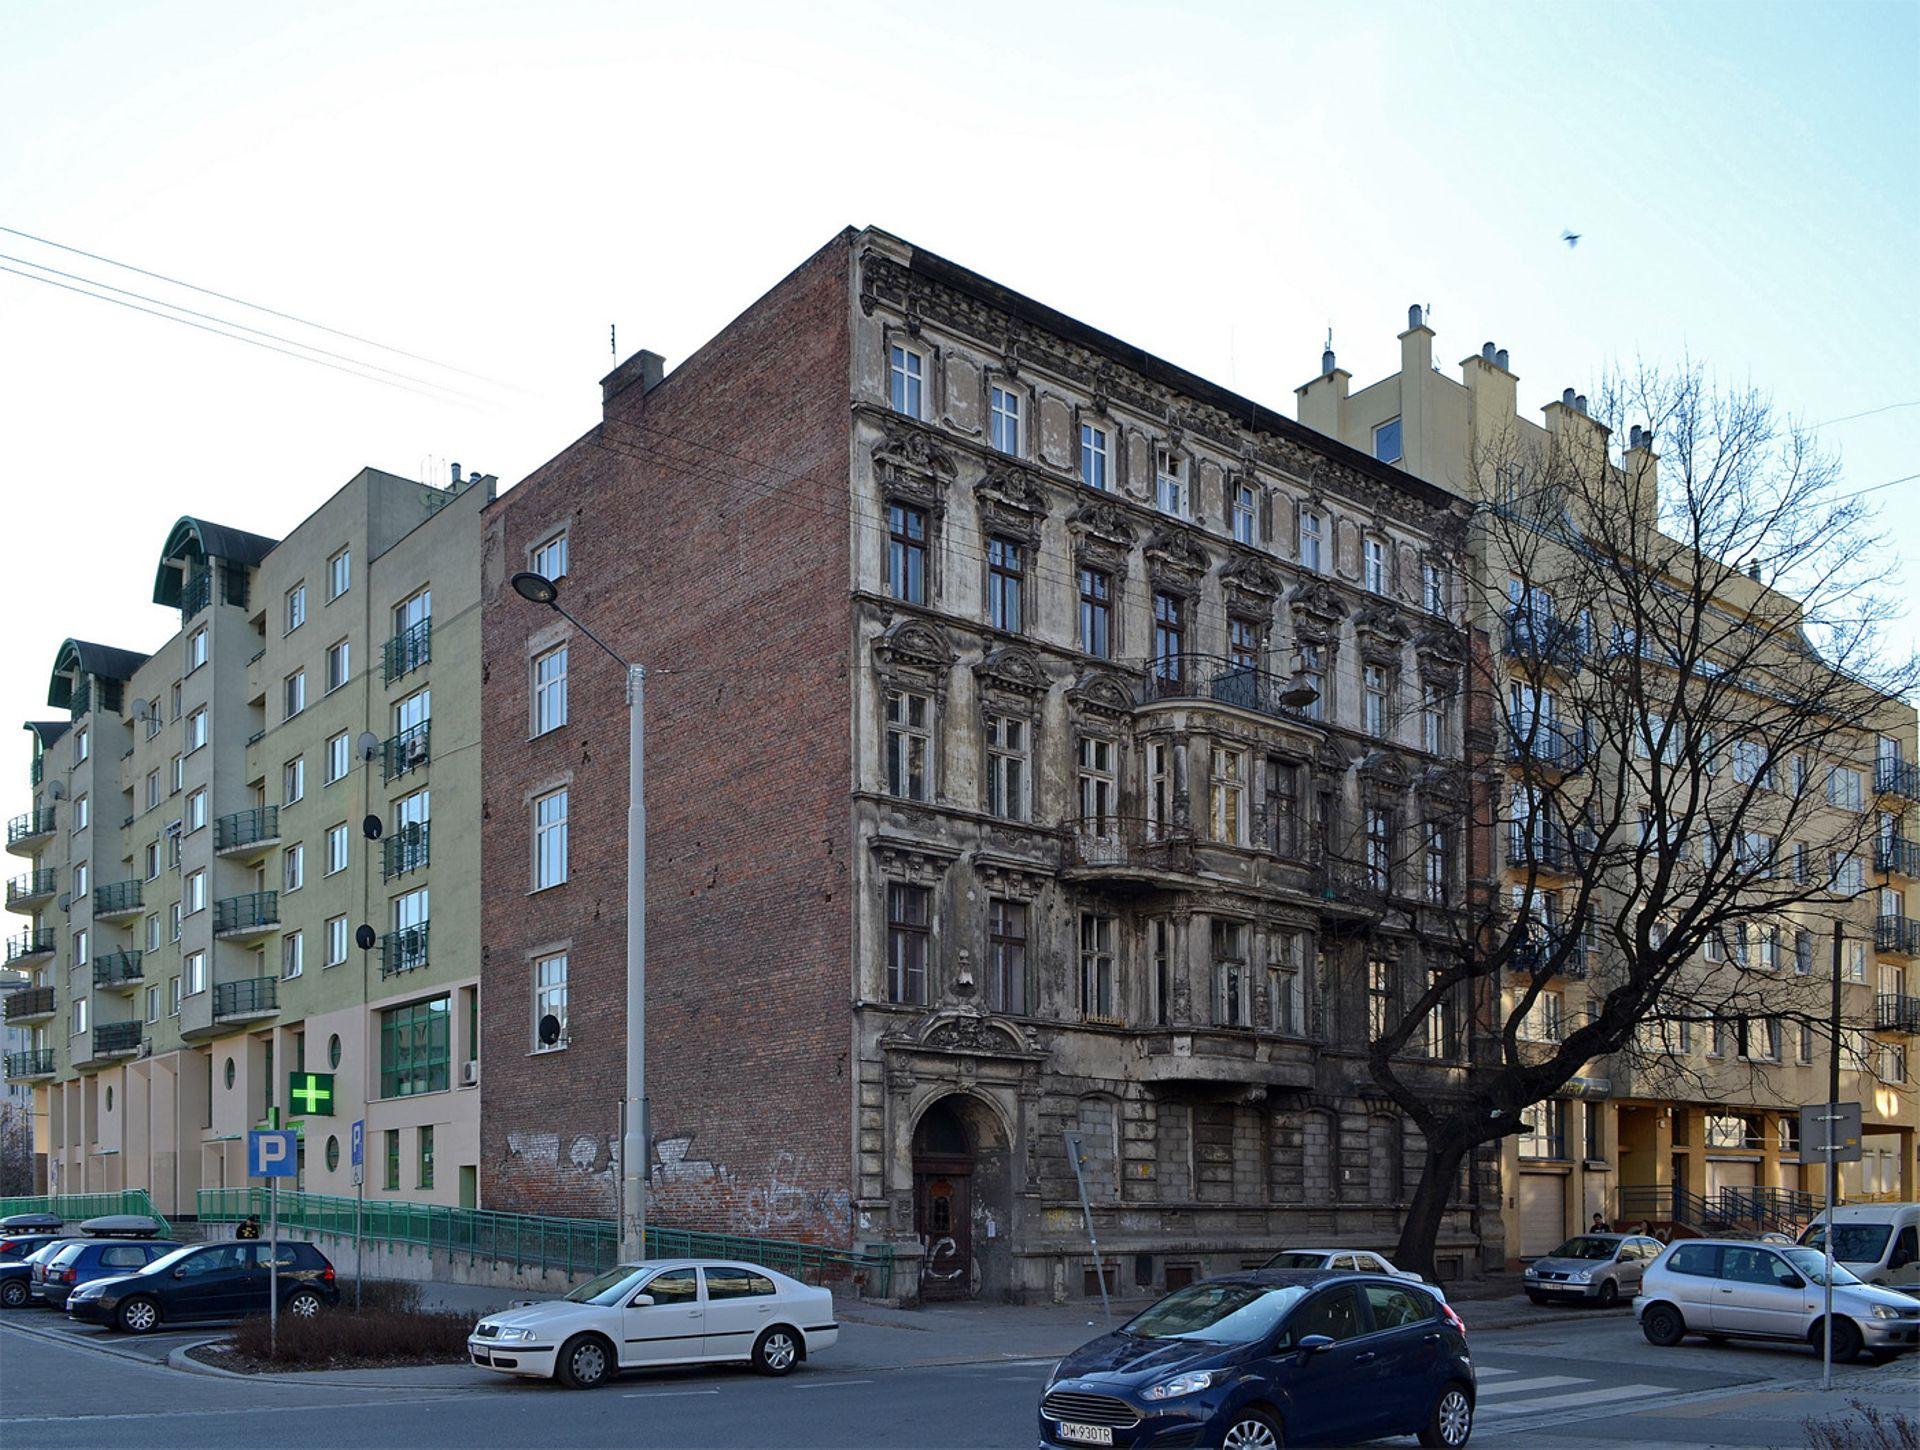 Miasto sprzedało za miliony zrujnowaną, zabytkową kamienicę w centrum Wrocławia